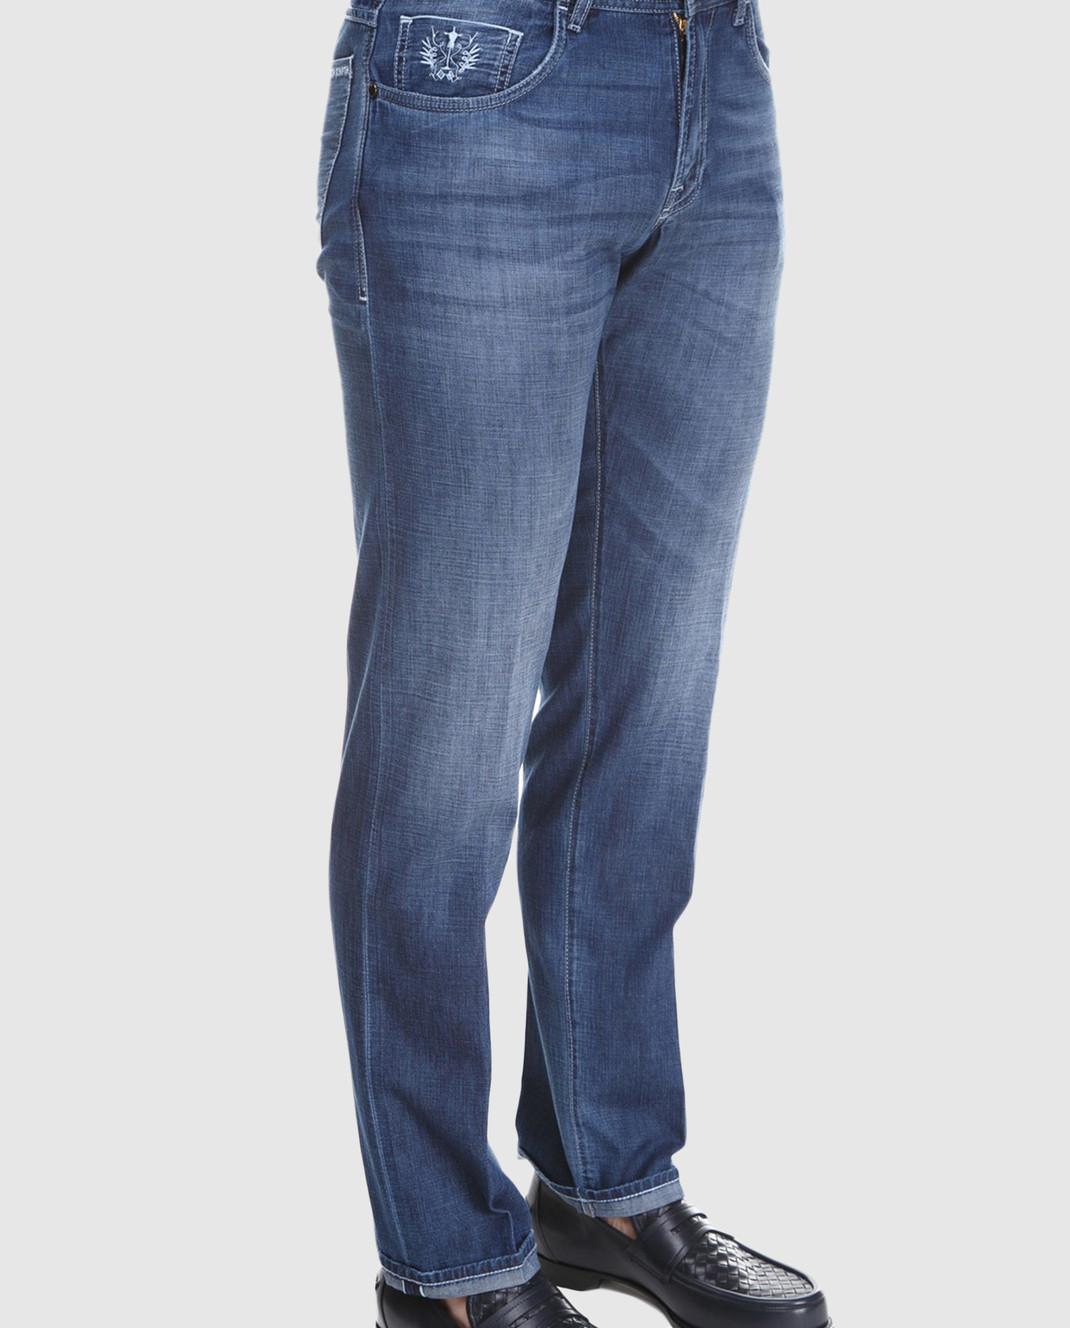 Scissor Scriptor Синие джинсы TIBERIOT68 изображение 3